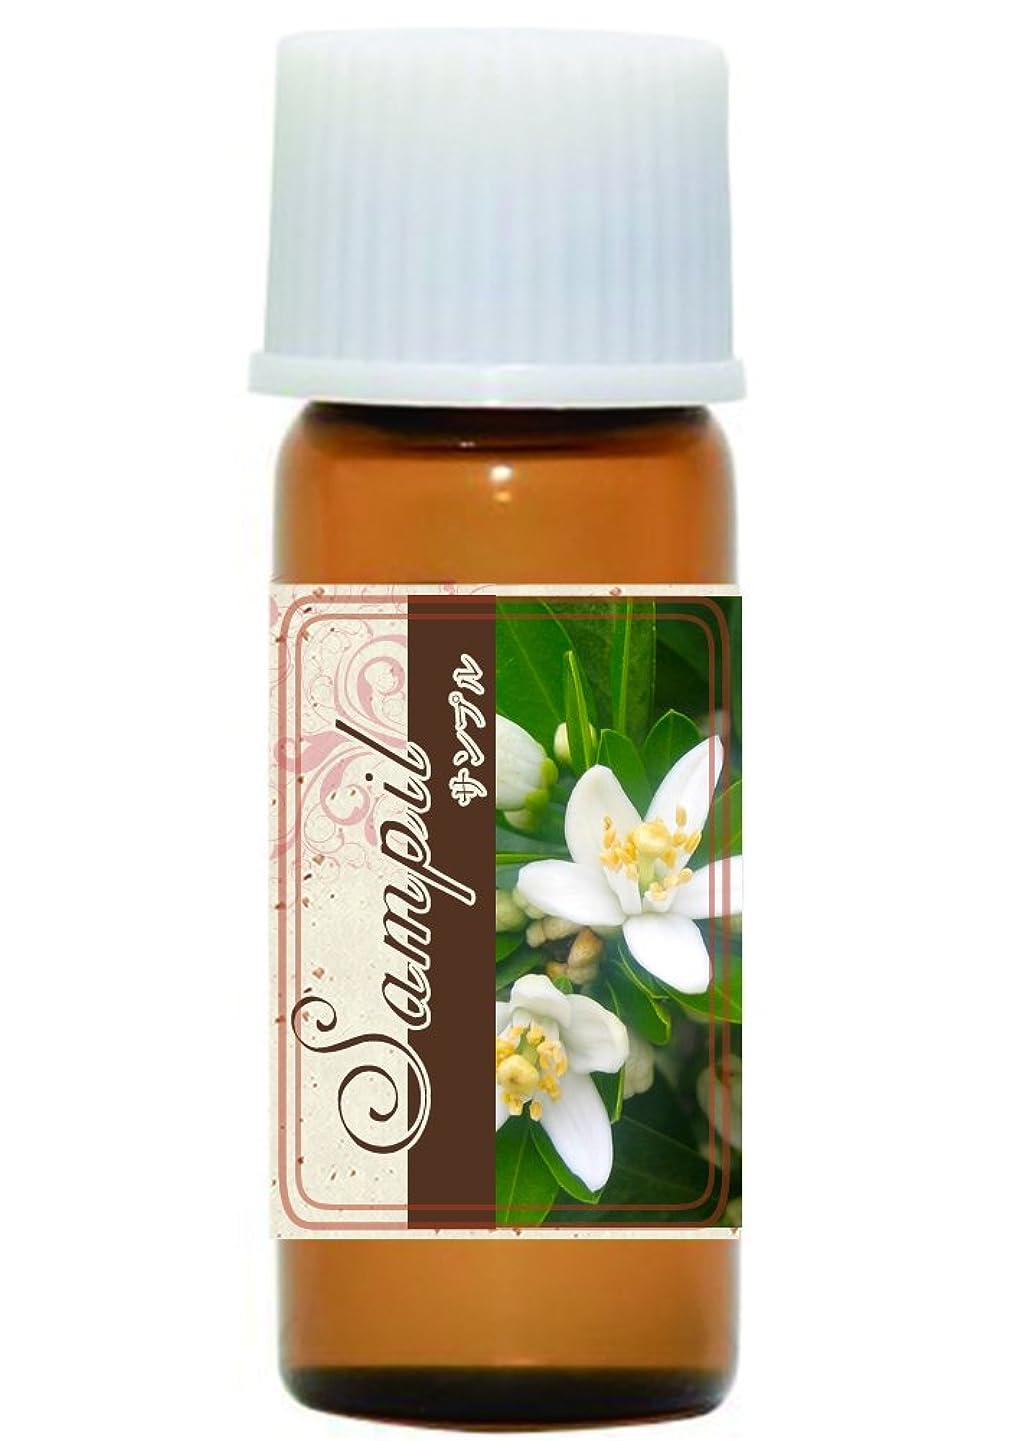 入札克服する素敵な【お試しサンプル】 ネロリ(ビターオレンジ花の精油) 0.3ml 100% エッセンシャルオイル アロマオイル